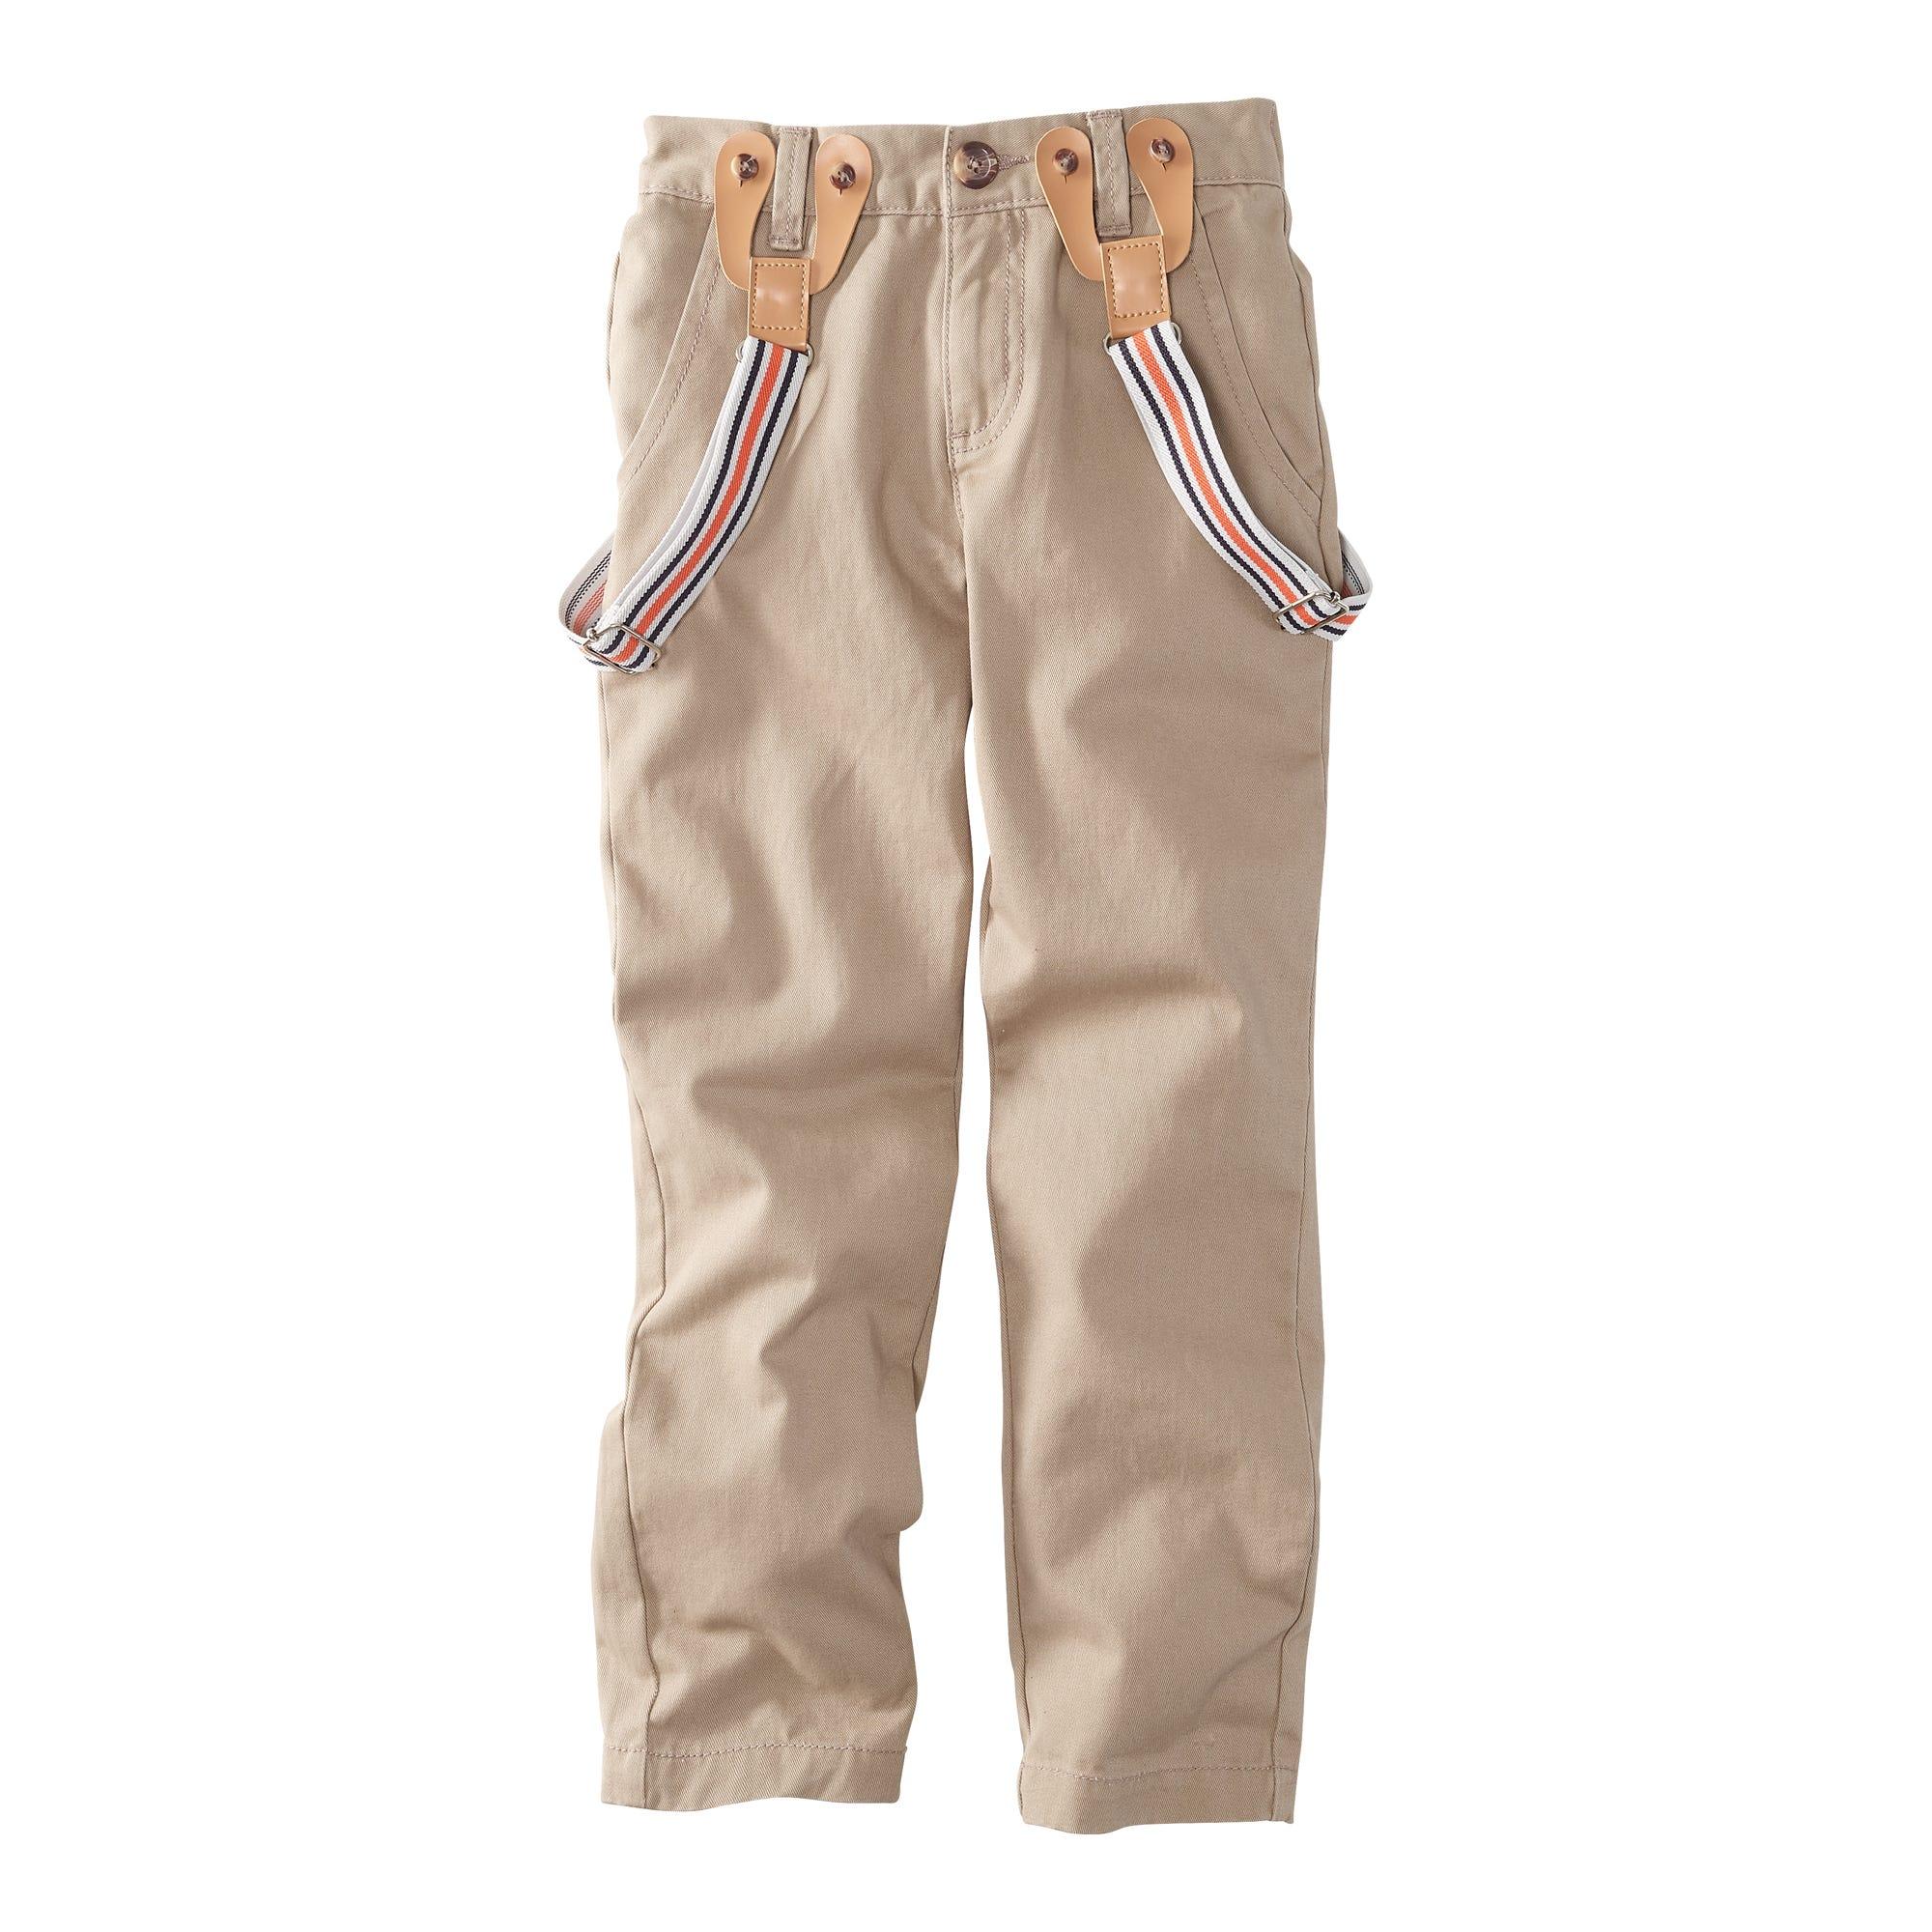 Disney Cars Kinder Jungen Bermuda Gr. 98 128 Shorts kurze Hose neu!